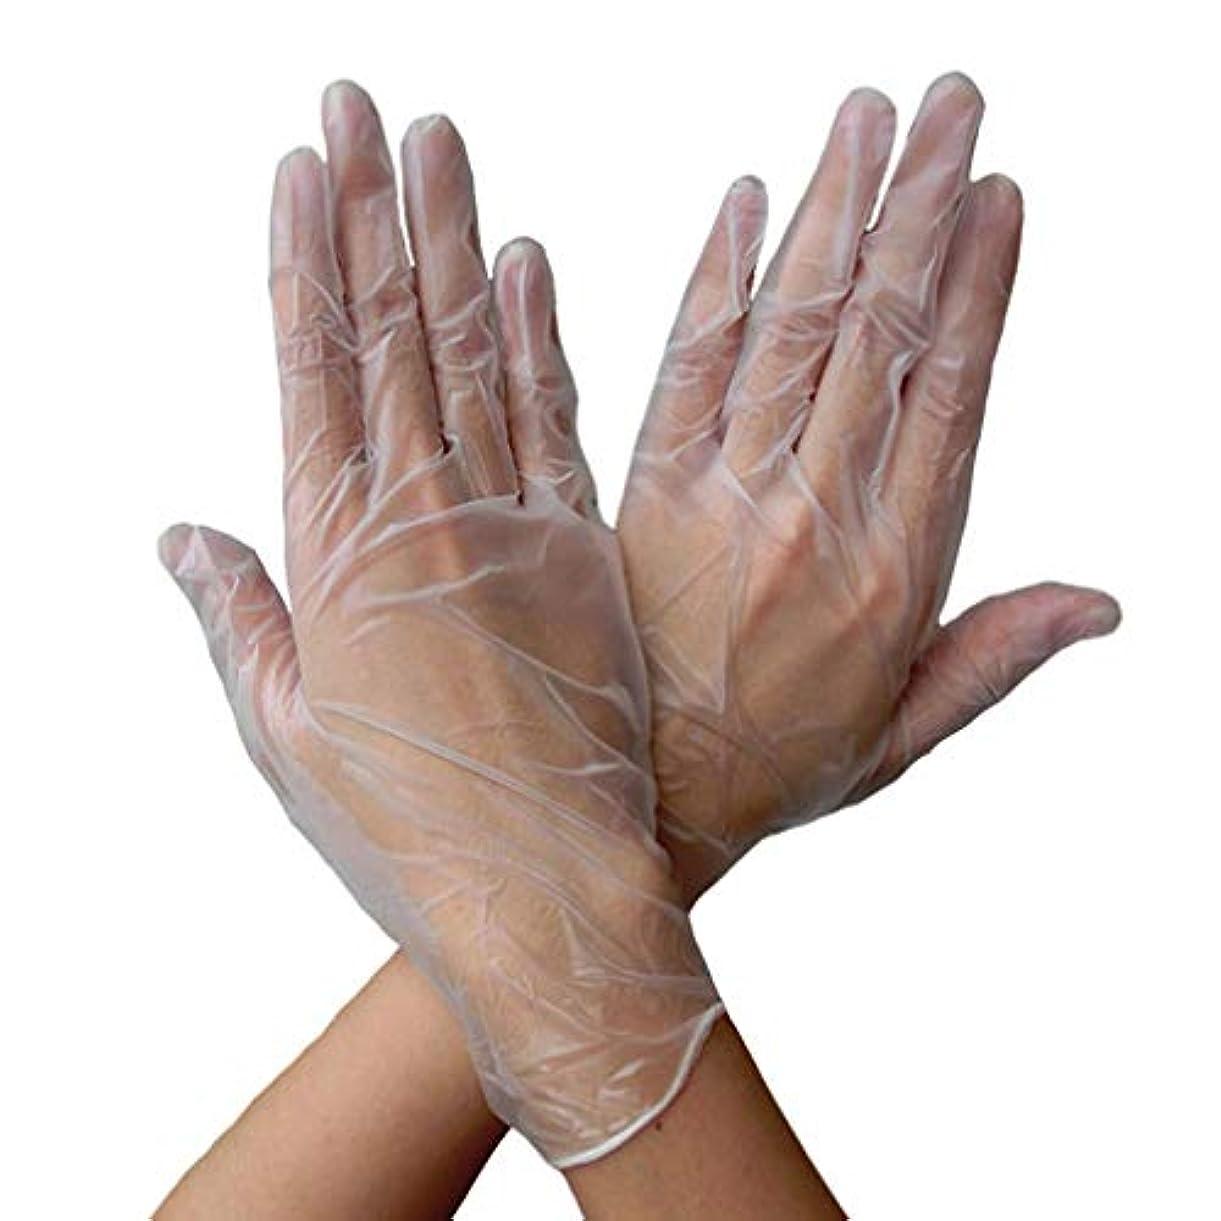 タック究極の降伏Honel 使い捨て手袋 タトゥー/歯科/病院/研究室に適応 薄い PVC 手袋 高耐久 ホワイト 両手用 使い捨て手袋 50枚 ホワイト L